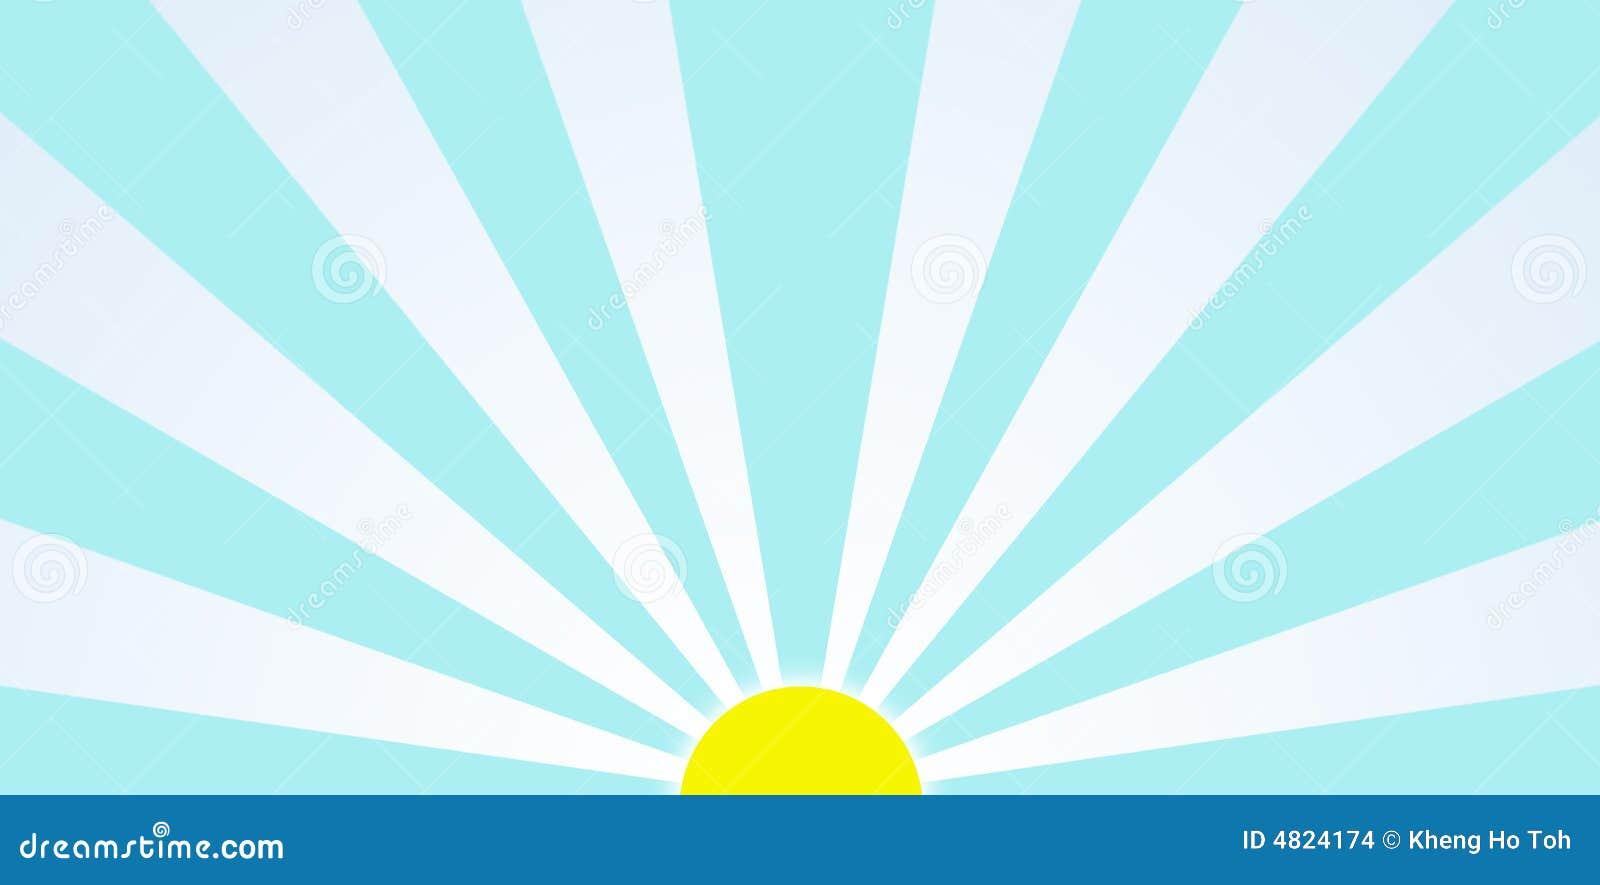 Clip Art Morning Light